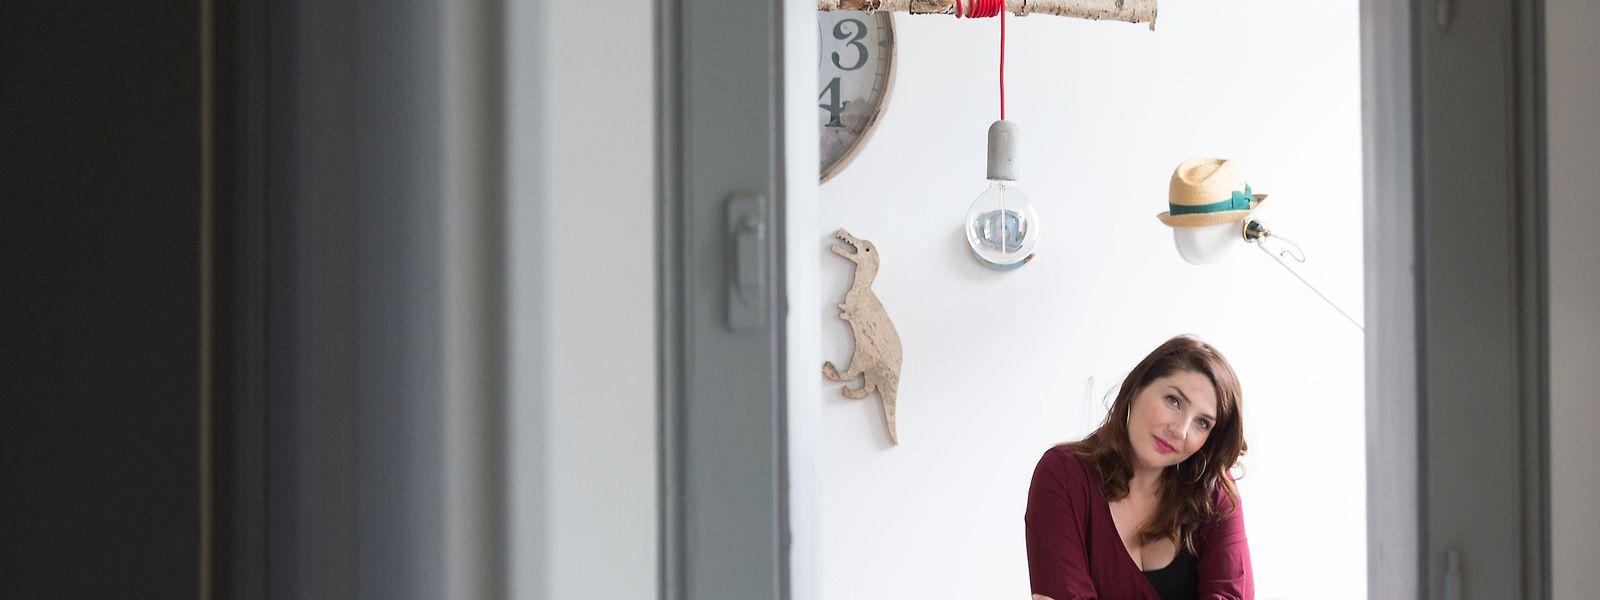 Lehrerin Valérie Bosseler gewährt uns einen Einblick in ihr kunstvoll dekoriertes Reich.